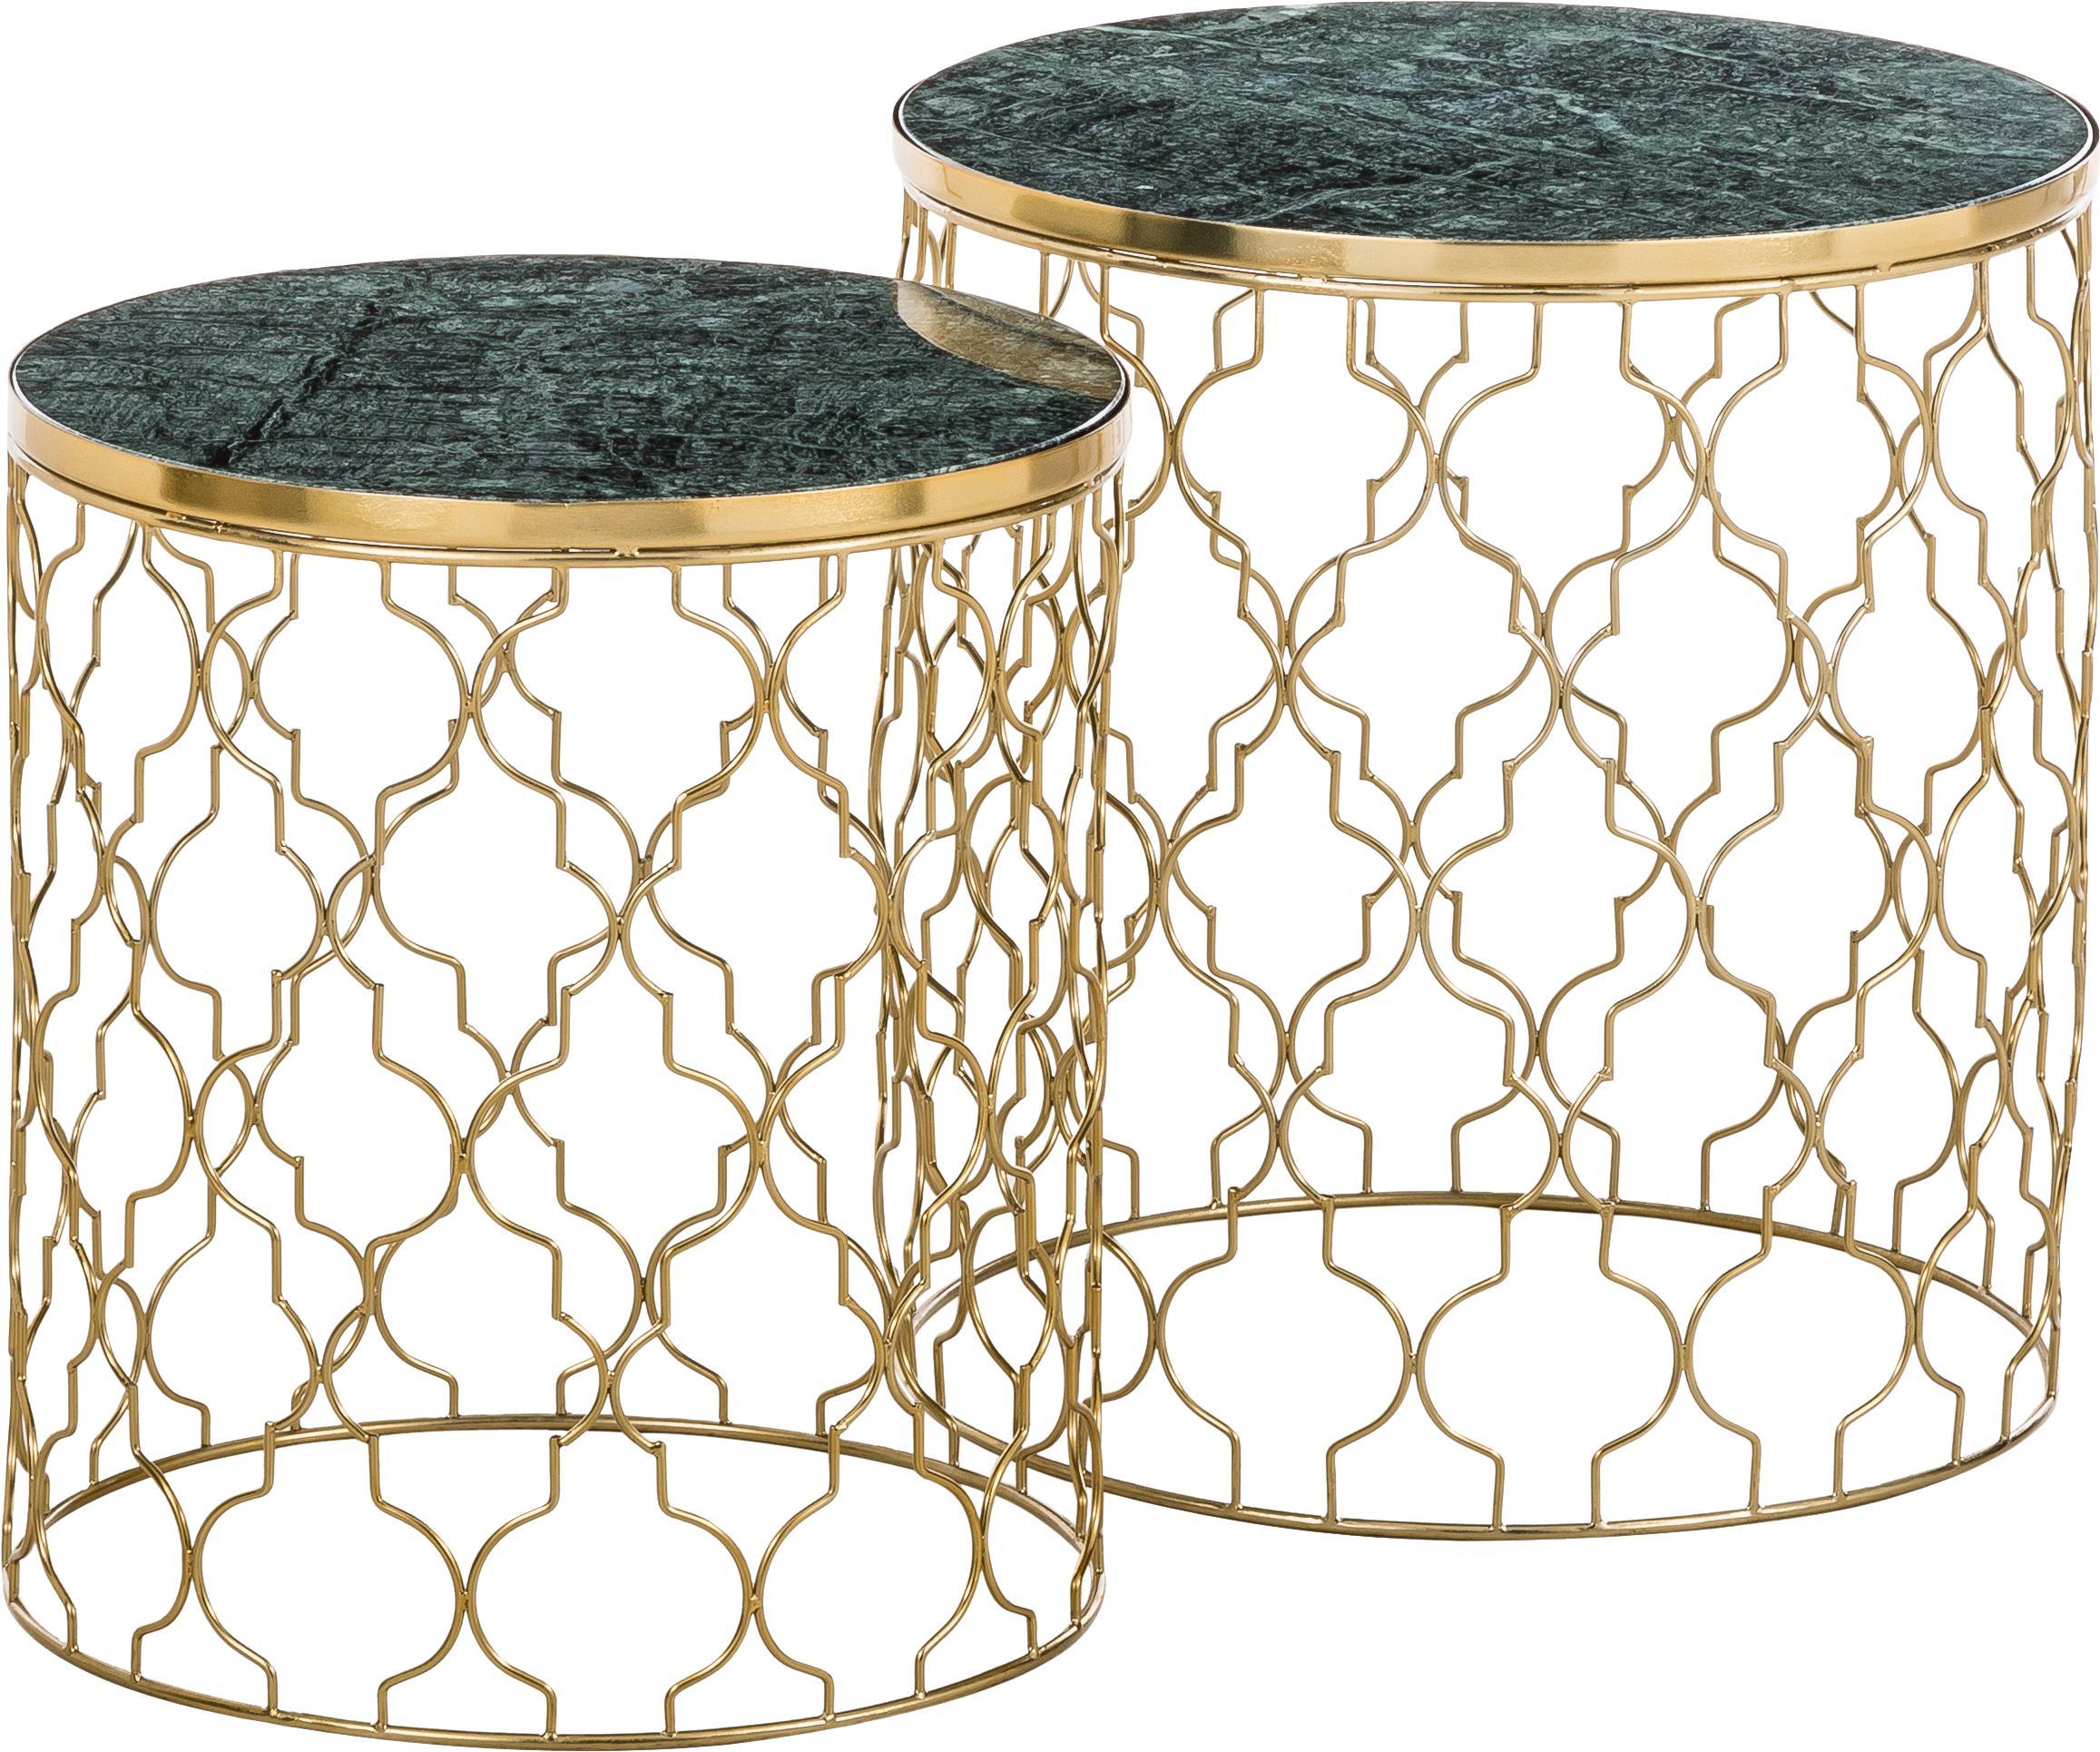 Set de mesas auxiliares de mármol Blake, 2uds., Tablero: mármol natural, Estructura: metal recubierto, Mármol verde, dorado, Set de diferentes tamaños